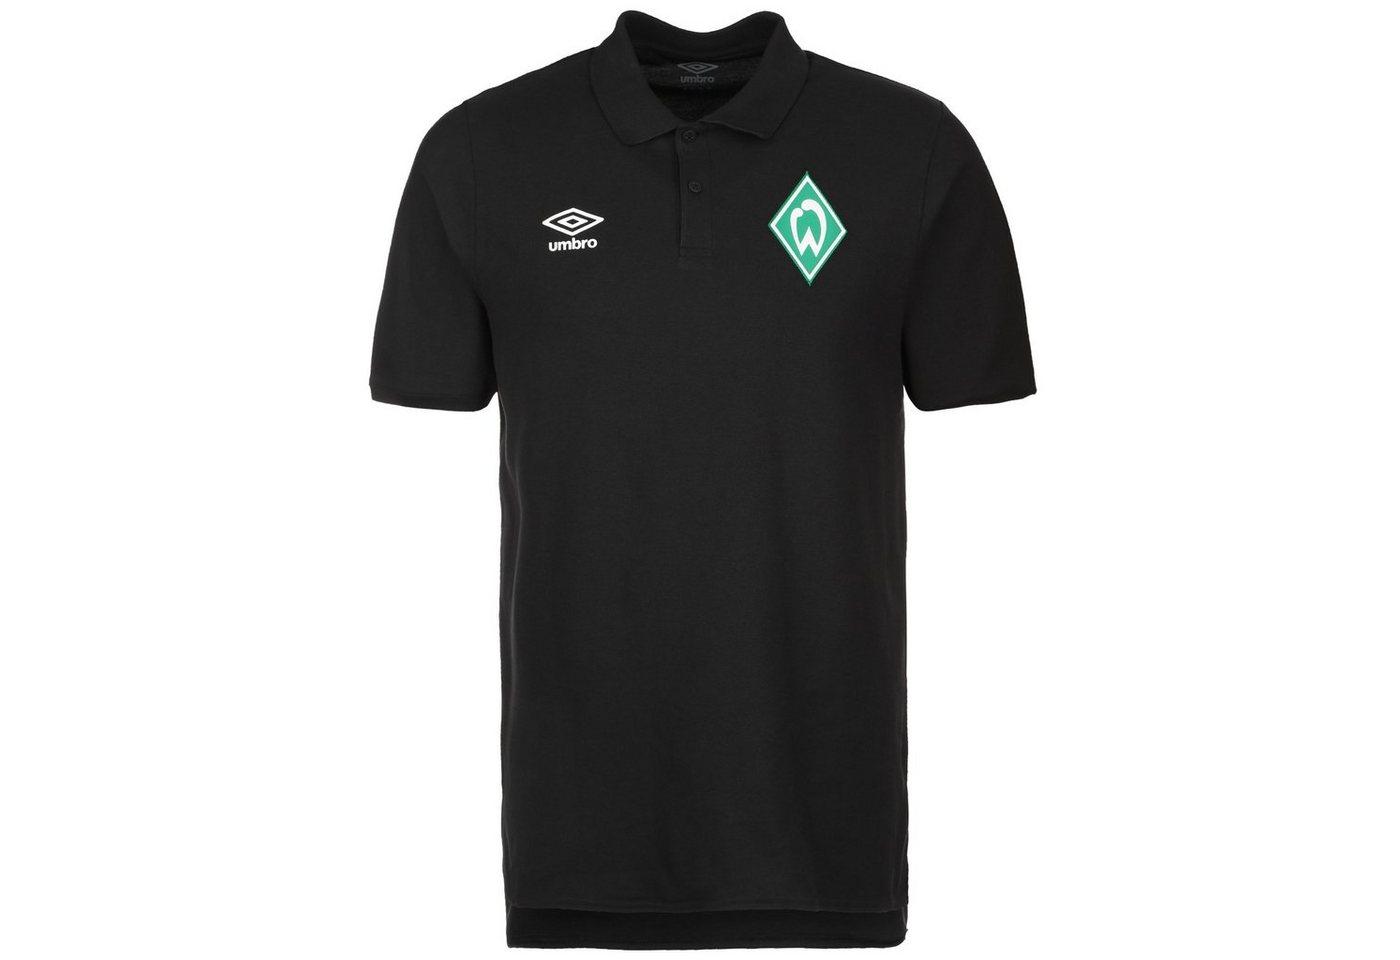 umbro -  Poloshirt »Sv Werder Bremen Travel«